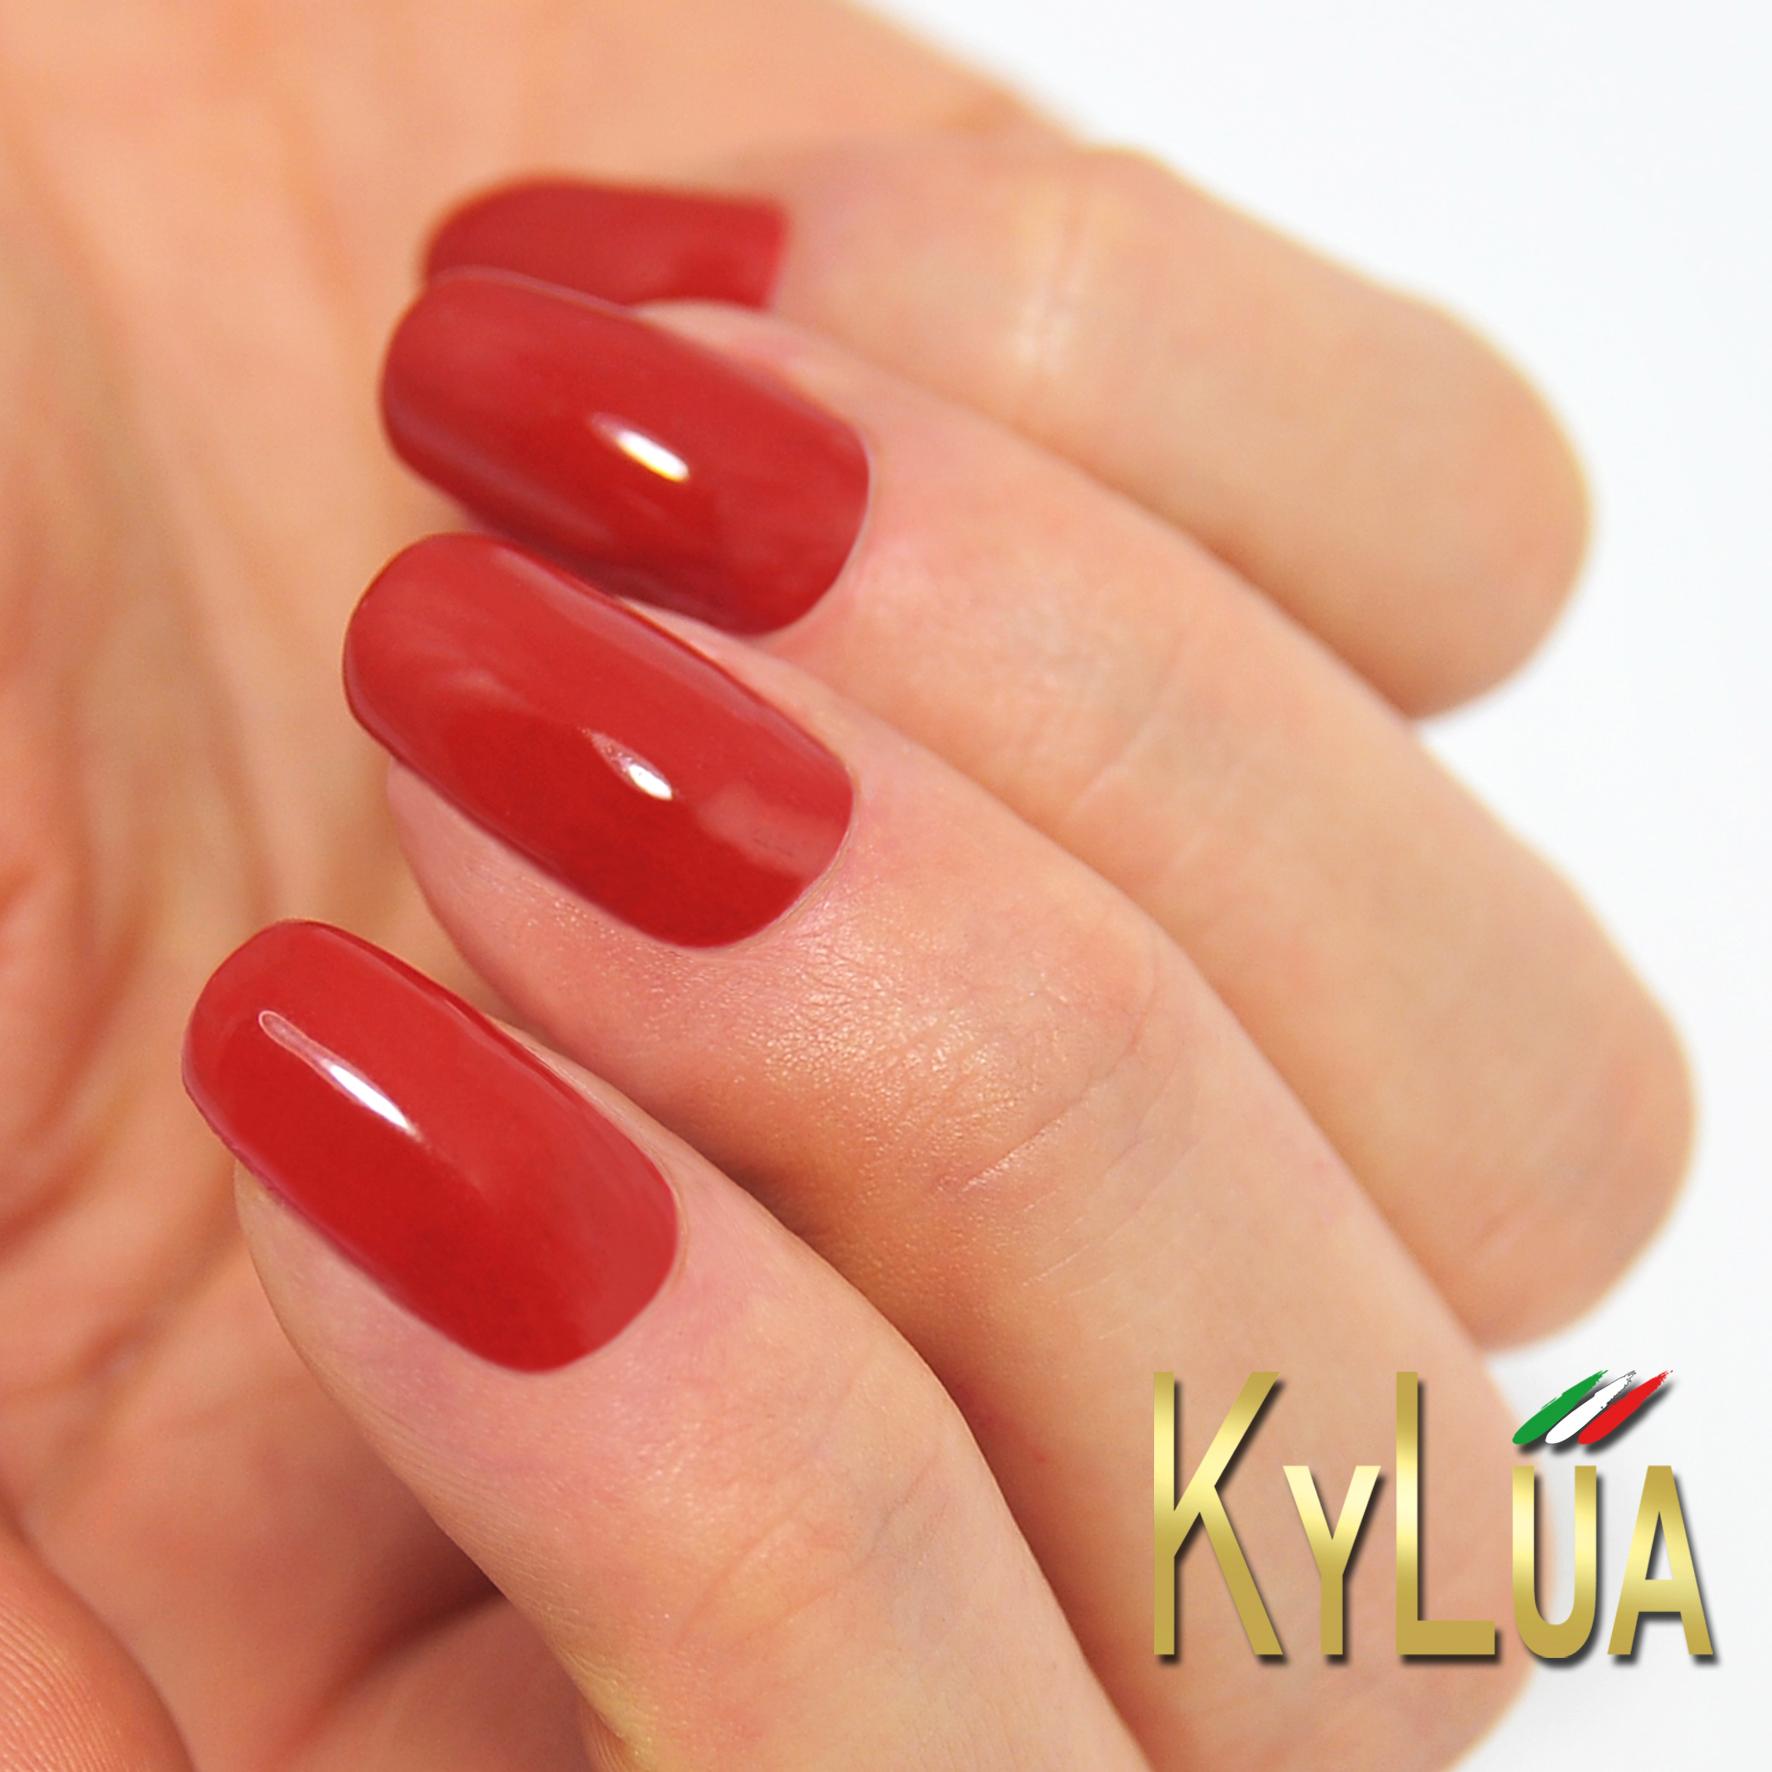 corso nails - manicure russo